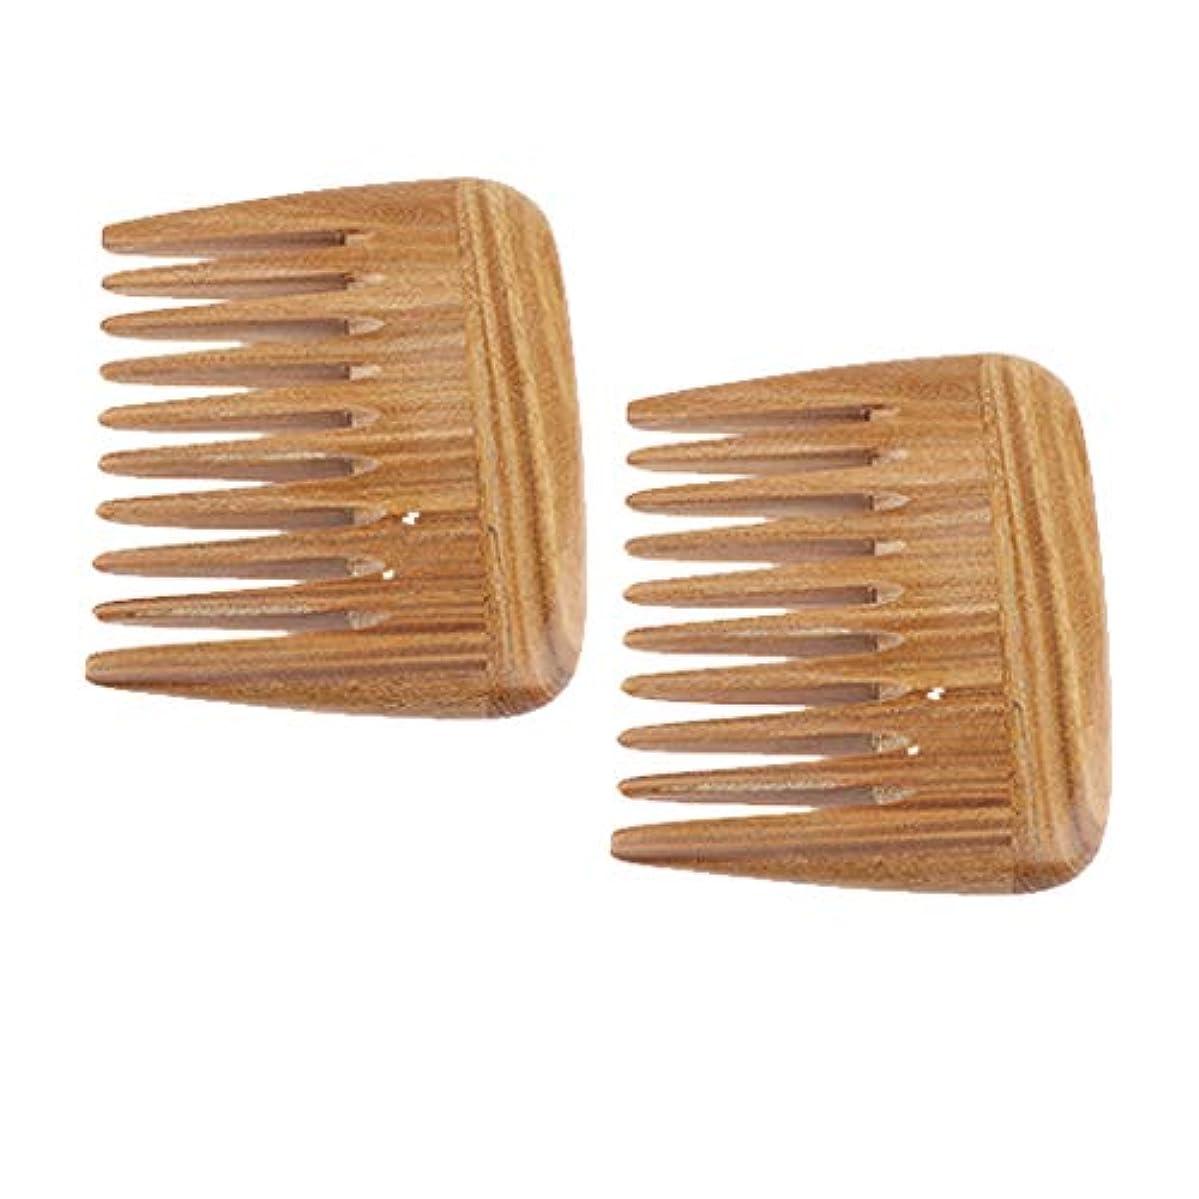 くちばしシリアル粗い2個 静電気防止櫛 ポケット 広い歯 ヘアコーム 木製櫛 プレゼント